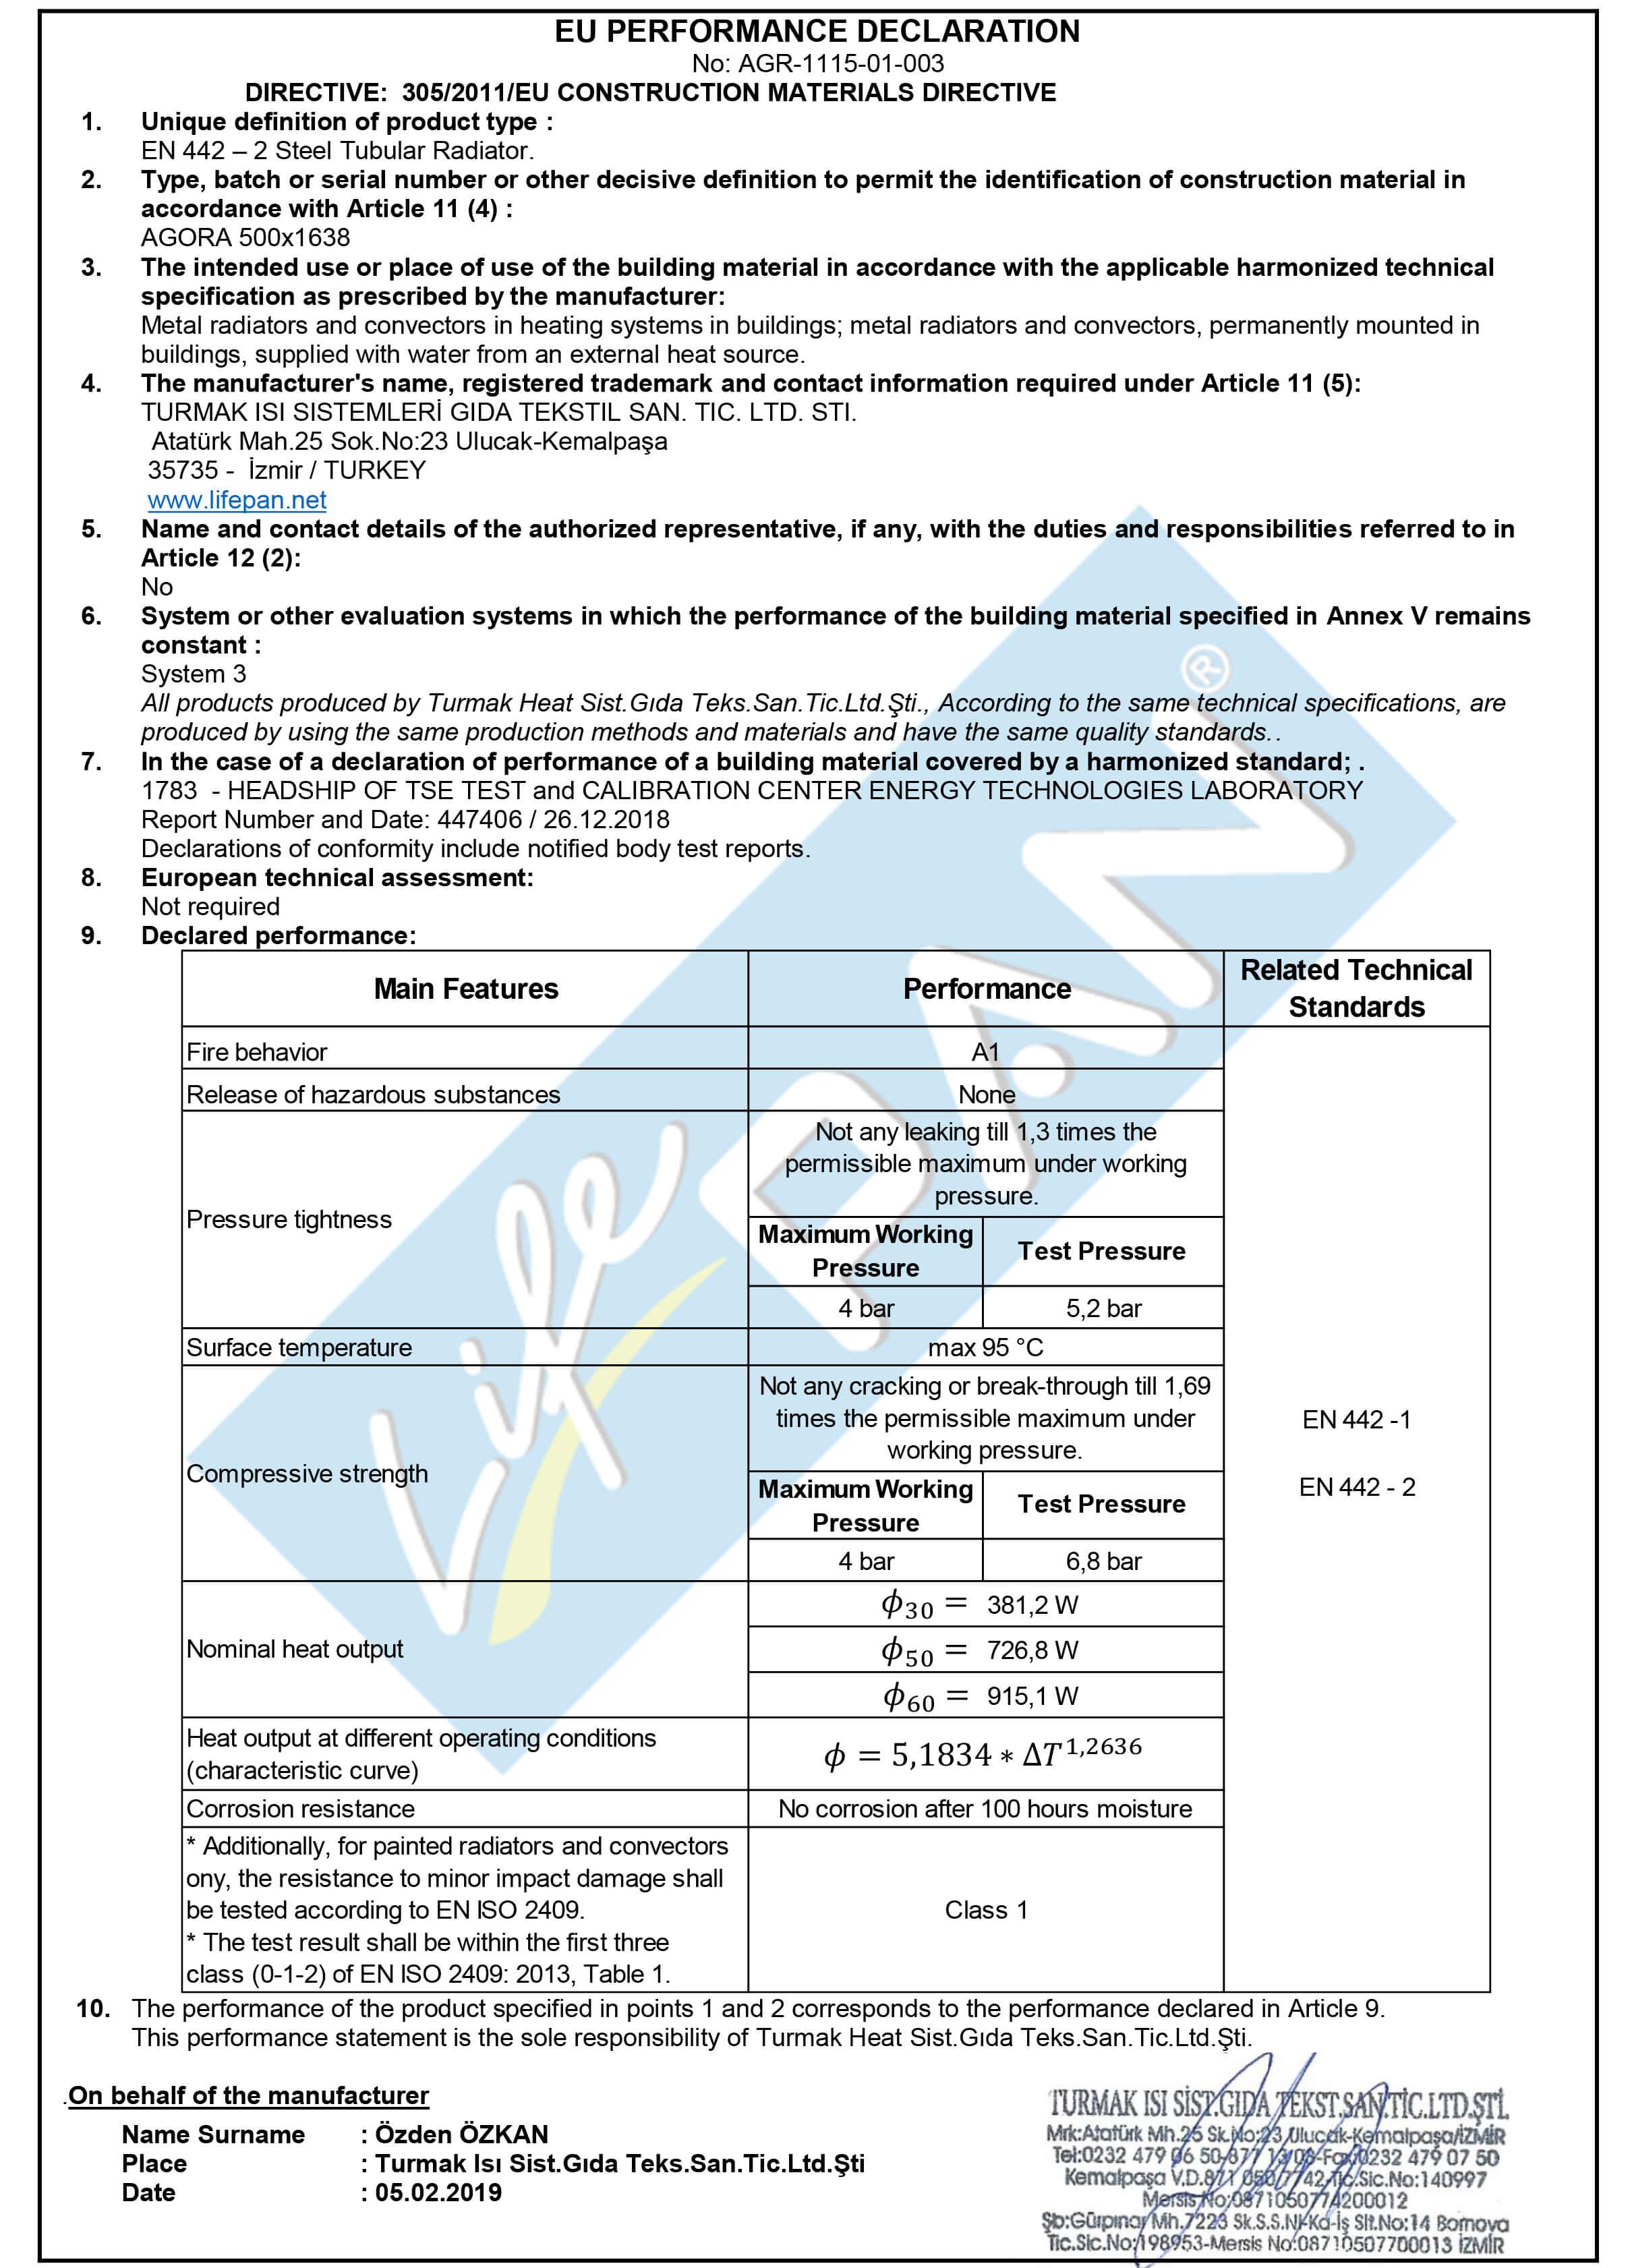 AGORA - 500x1638 EU PERFORMANCE DECLARATION